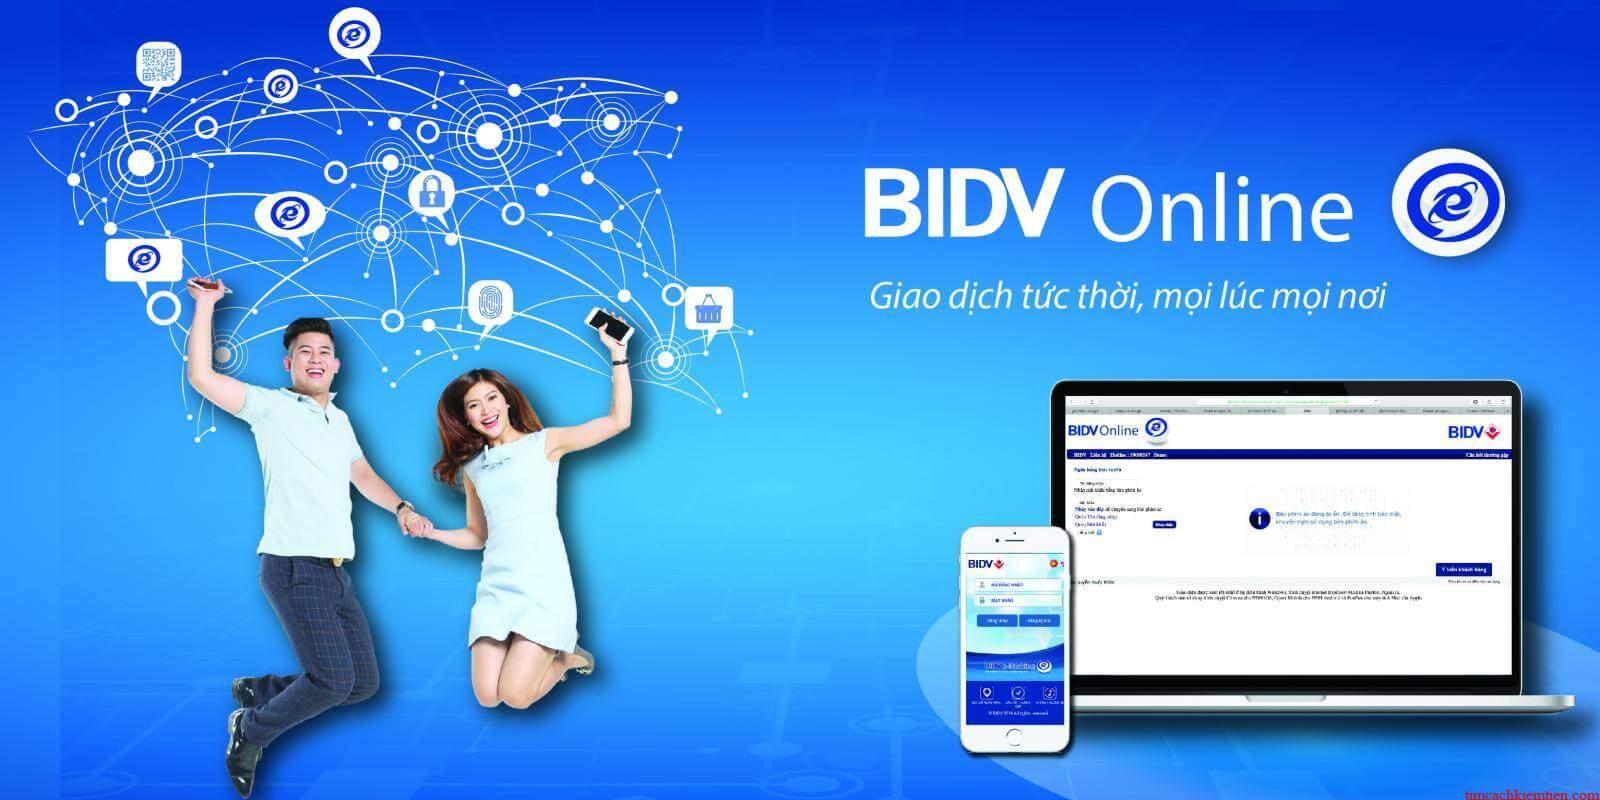 BIDV Online - Dịch vụ ngân hàng trực tuyến hàng đầu hiện nay